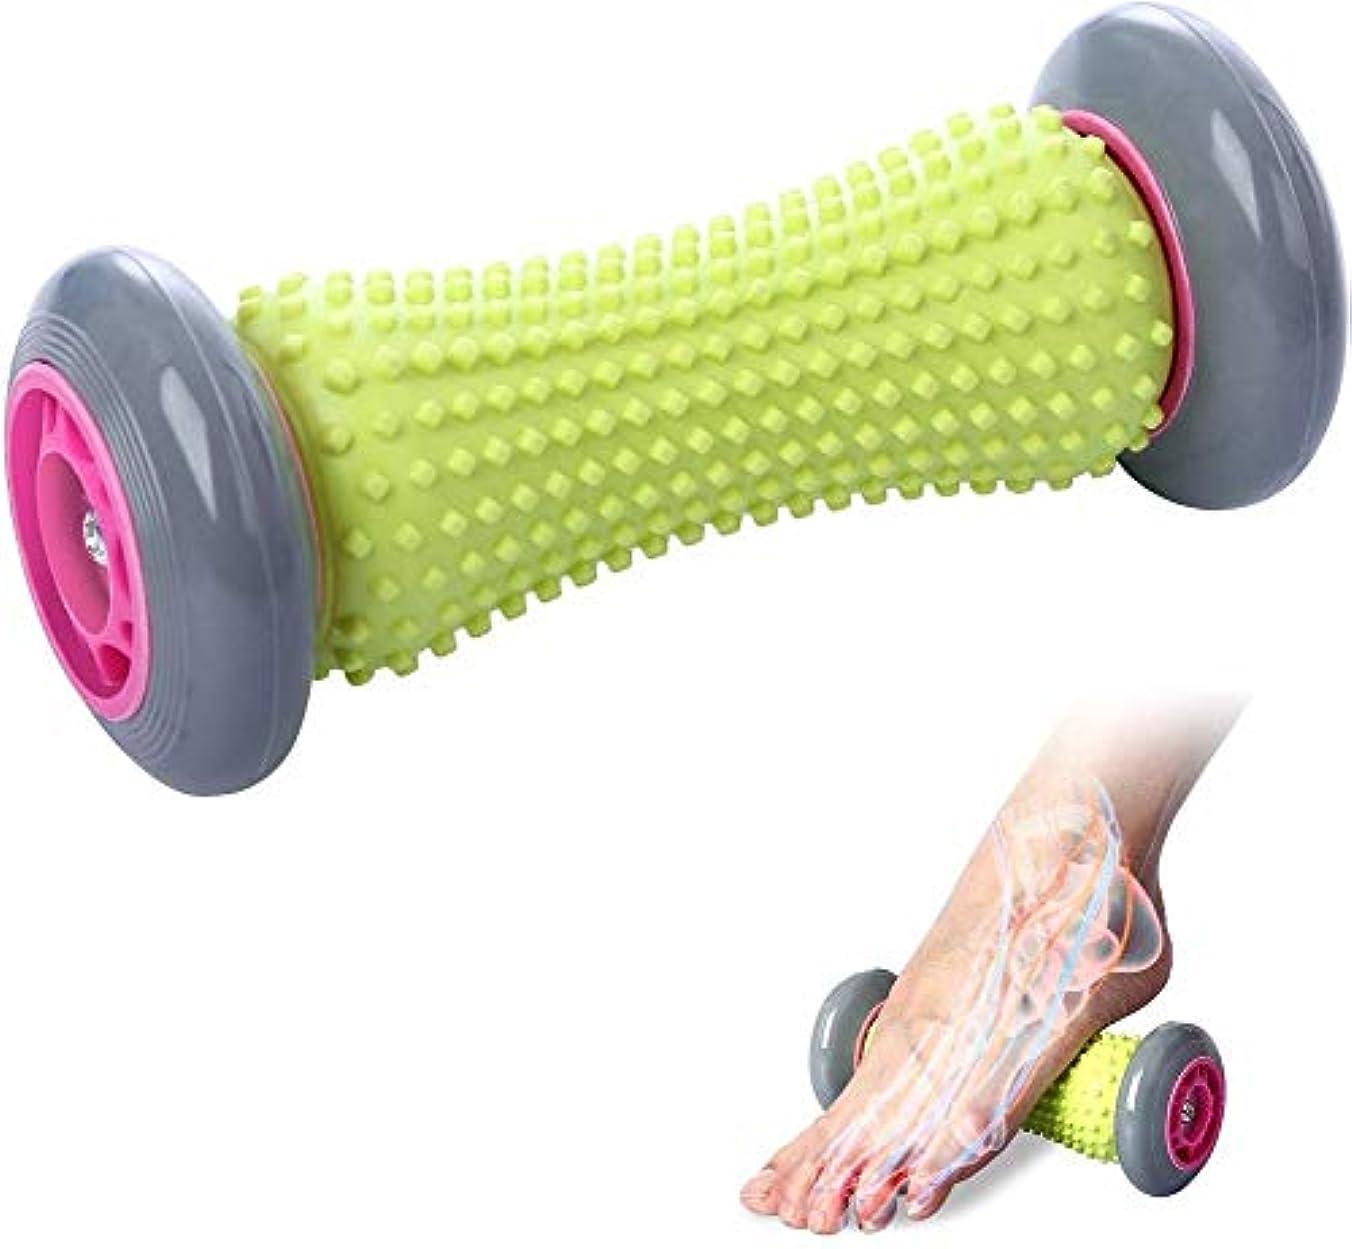 壊滅的なゼロ円形の背中の痛みとディープティシュトリガーポイント回復タイトな筋肉の手脚背中の痛みの治療足底筋膜炎リフレクソロジー筋筋膜指圧リリースのための足底筋膜炎足ローラーマッサージ